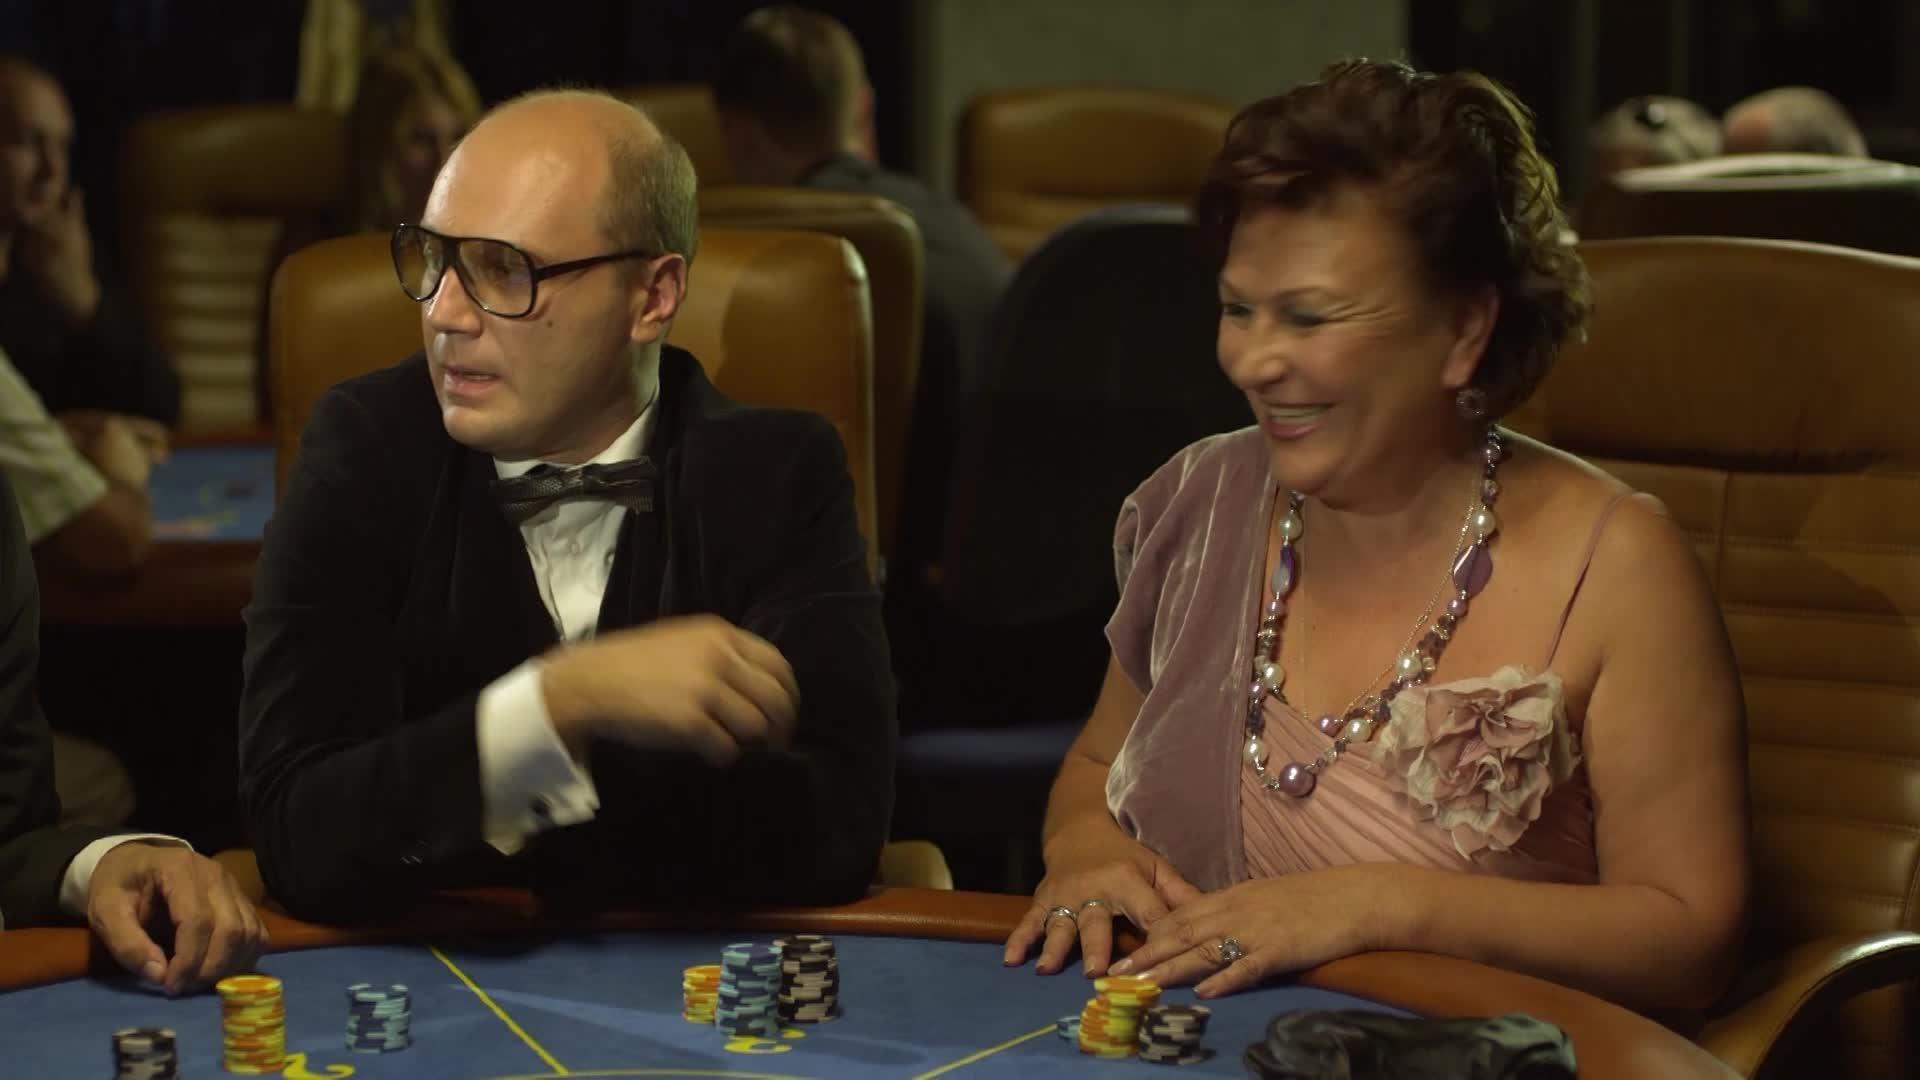 Сваты 4 покер смотреть онлайн самые последние игровые аппараты